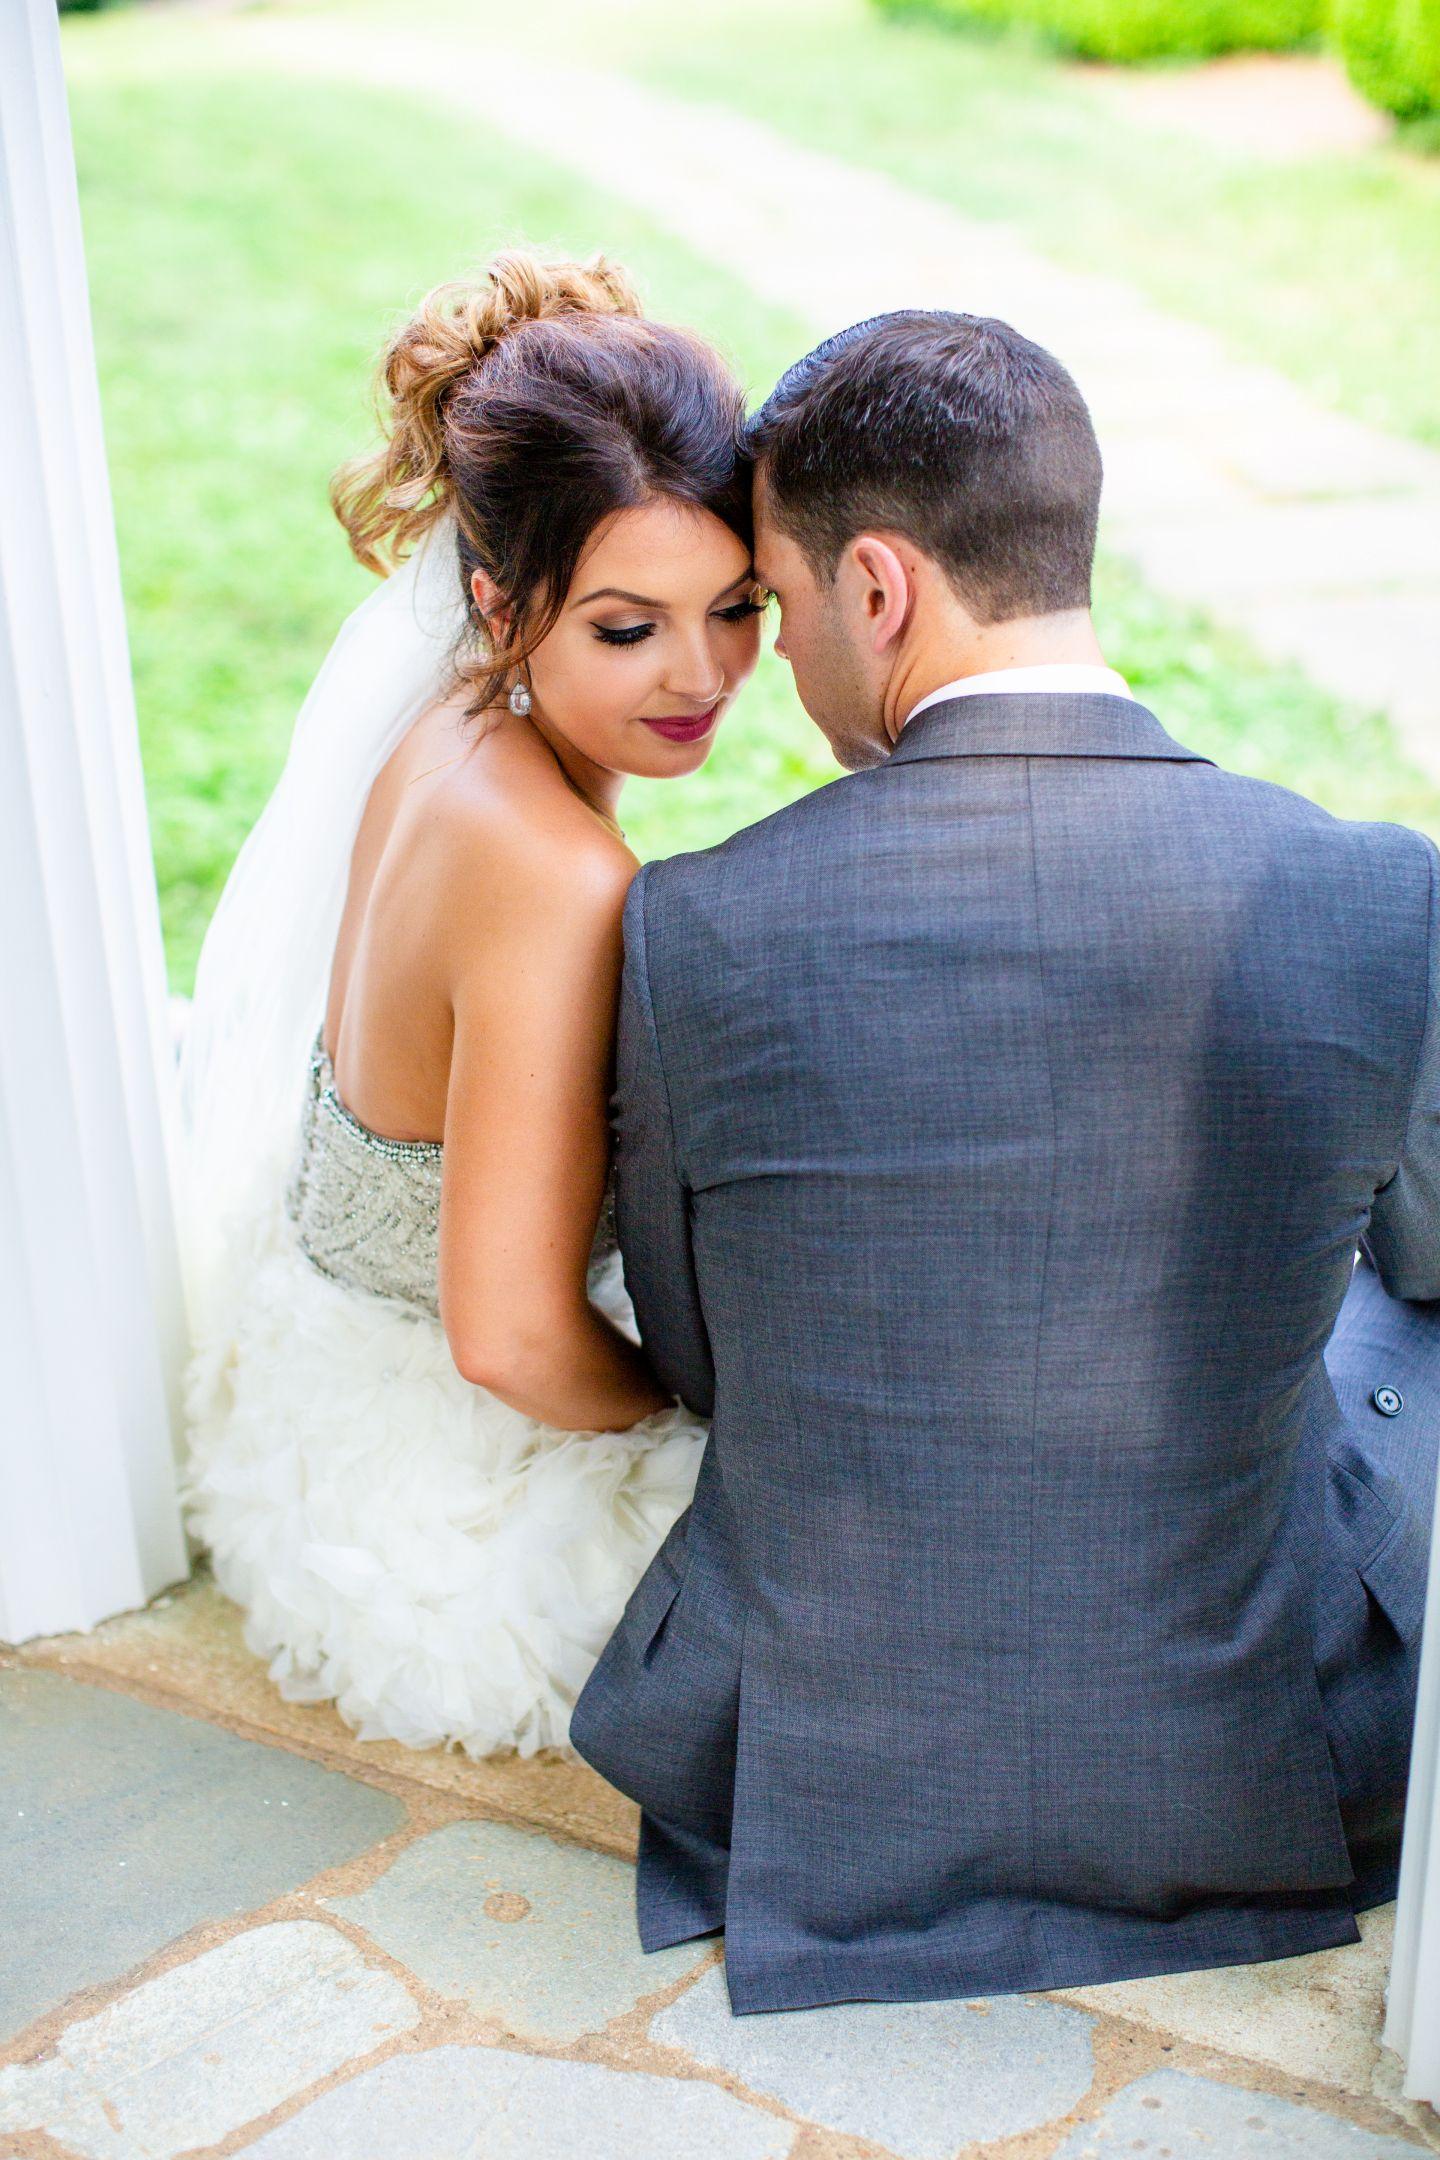 Ashlynn ashlynn & dakota - weddings at lu